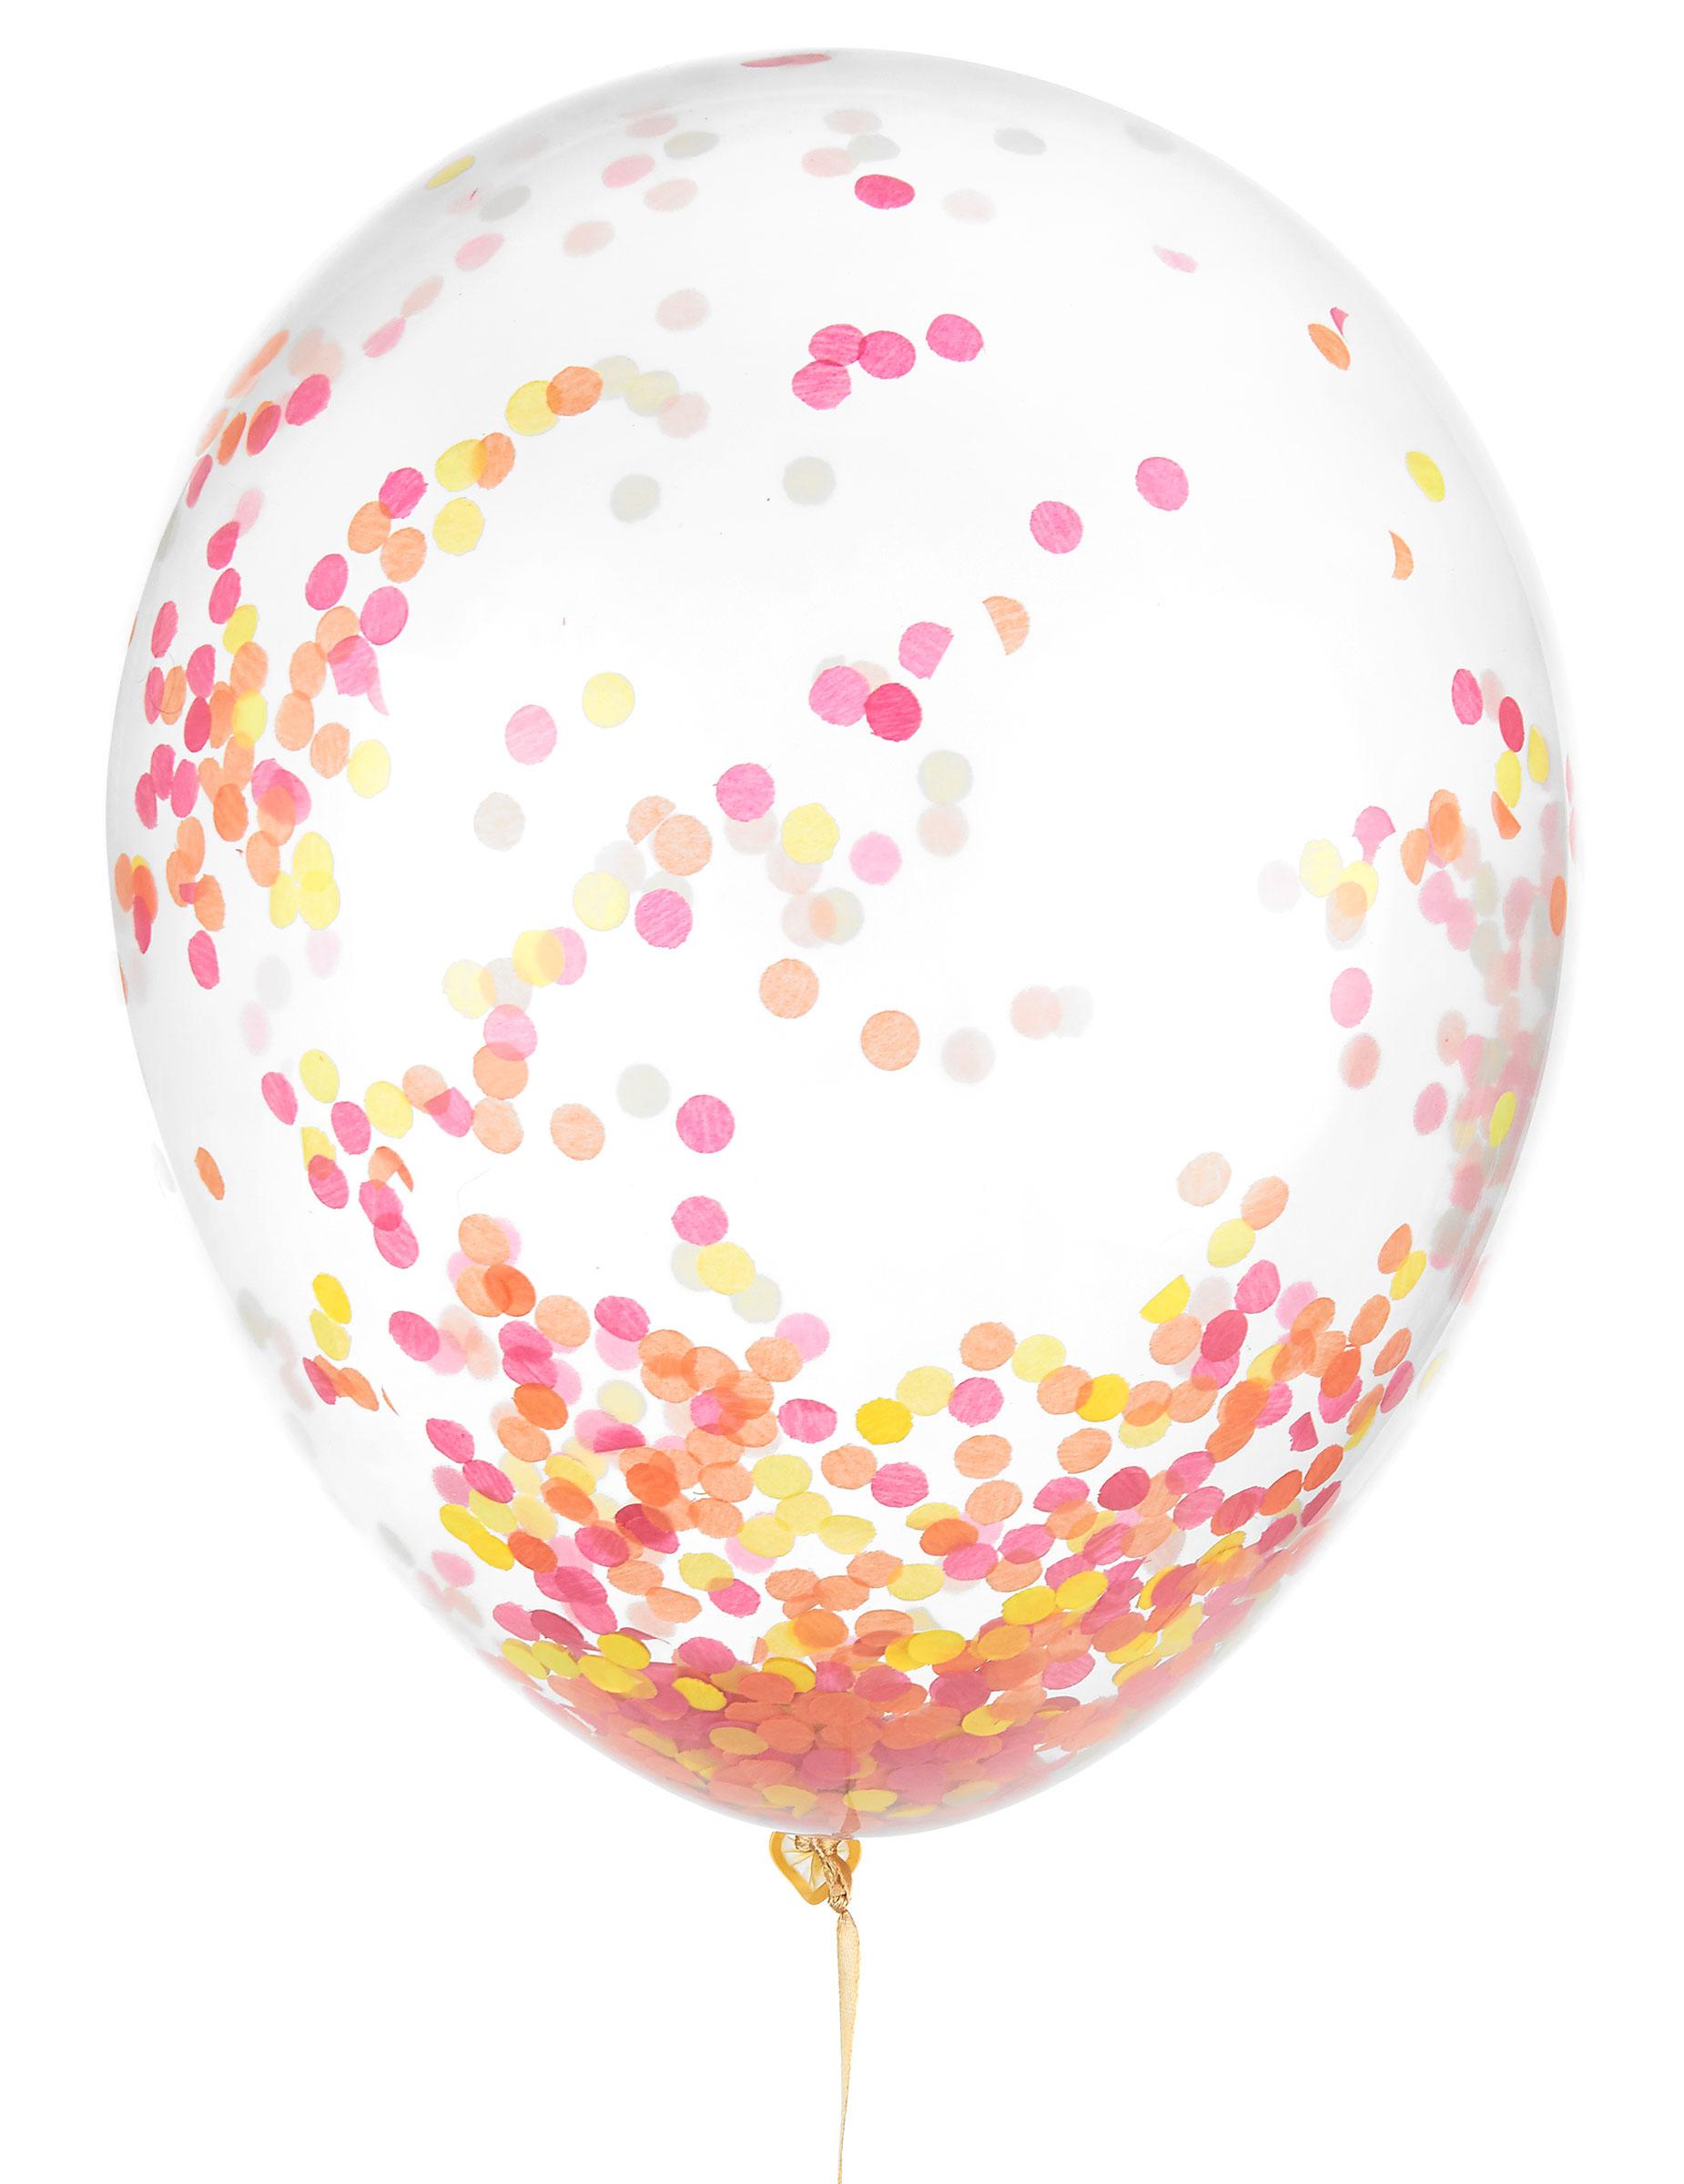 leuchtender latex ballon mit konfetti 30 cm g nstige faschings partydeko zubeh r bei. Black Bedroom Furniture Sets. Home Design Ideas